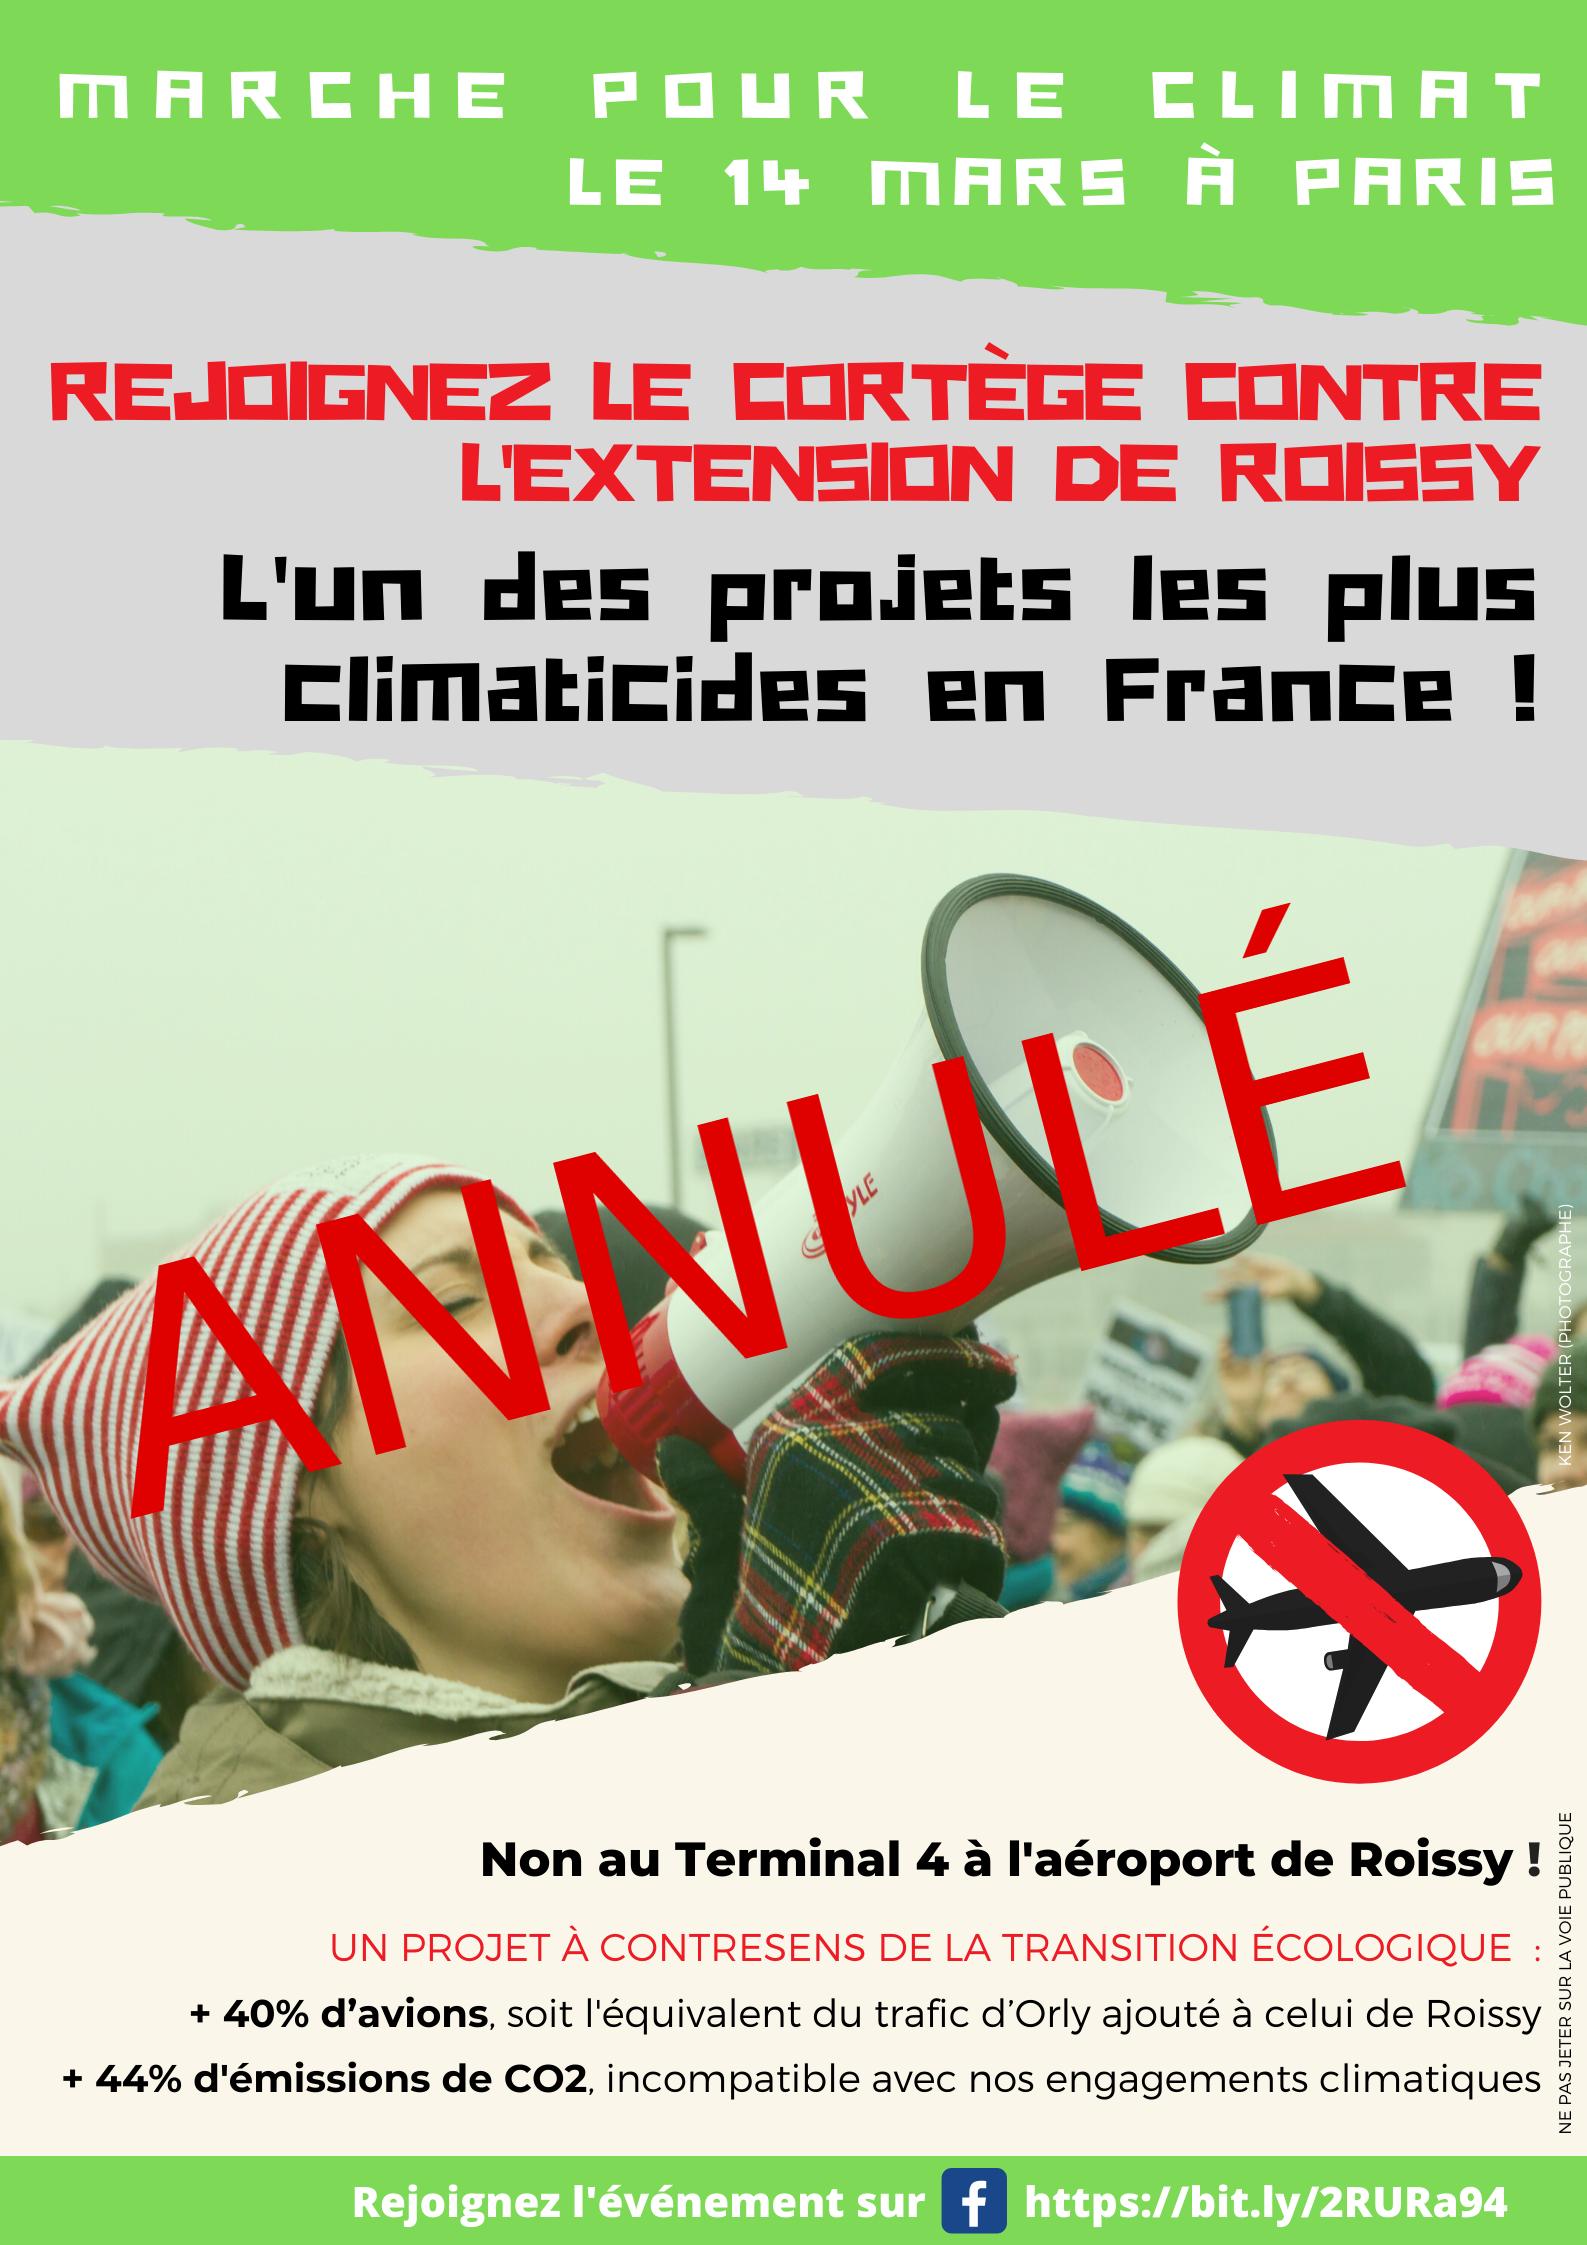 Marche pour le climat 14 mars à Paris